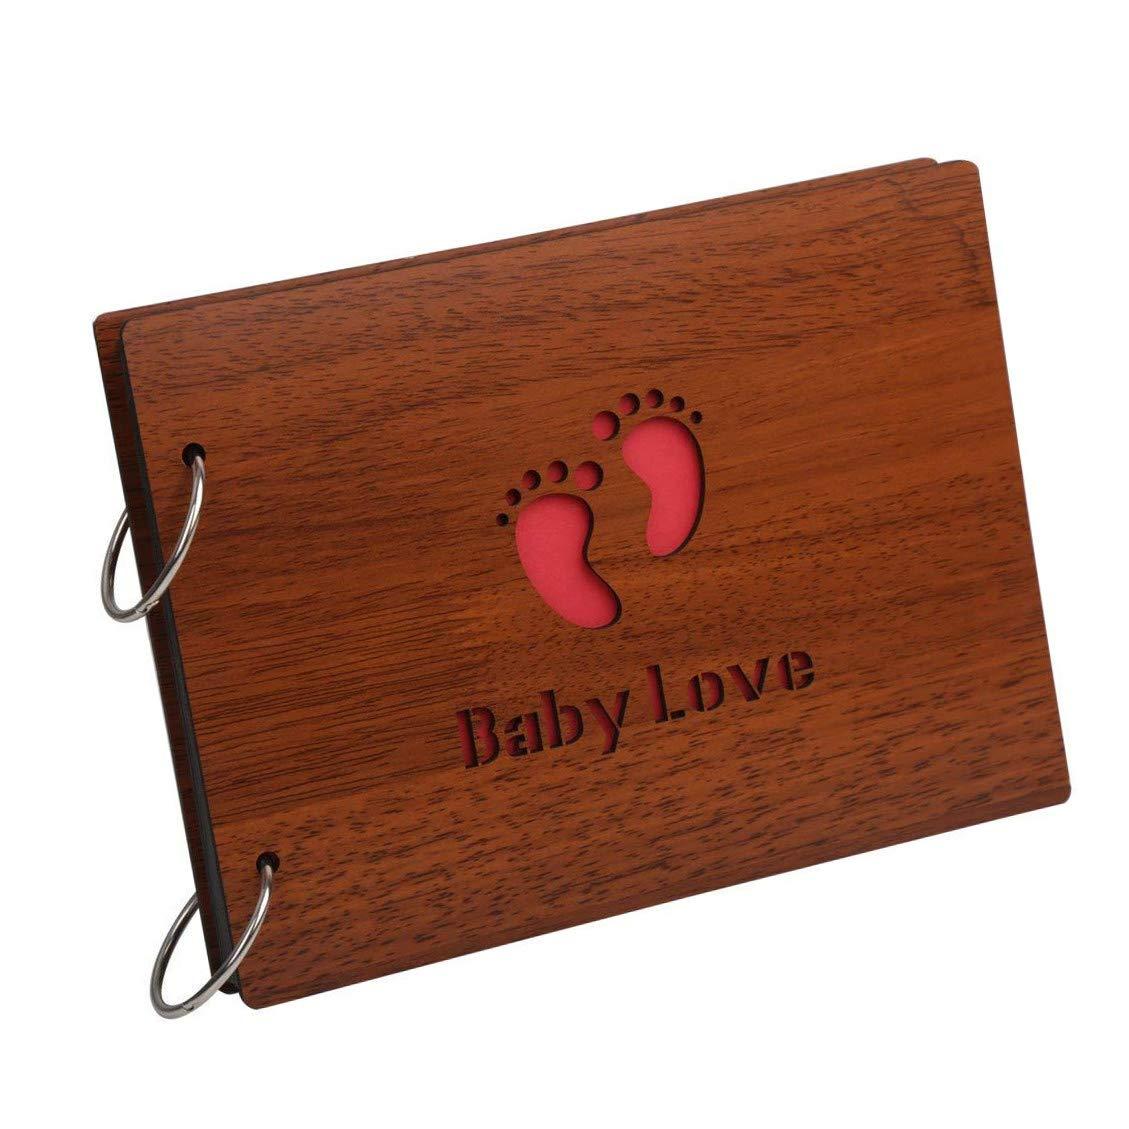 Zengest - Álbum de fotos para bebé (madera, para guardar fotos de crecimiento, con divertida descripción), texto en inglés «Baby Love»